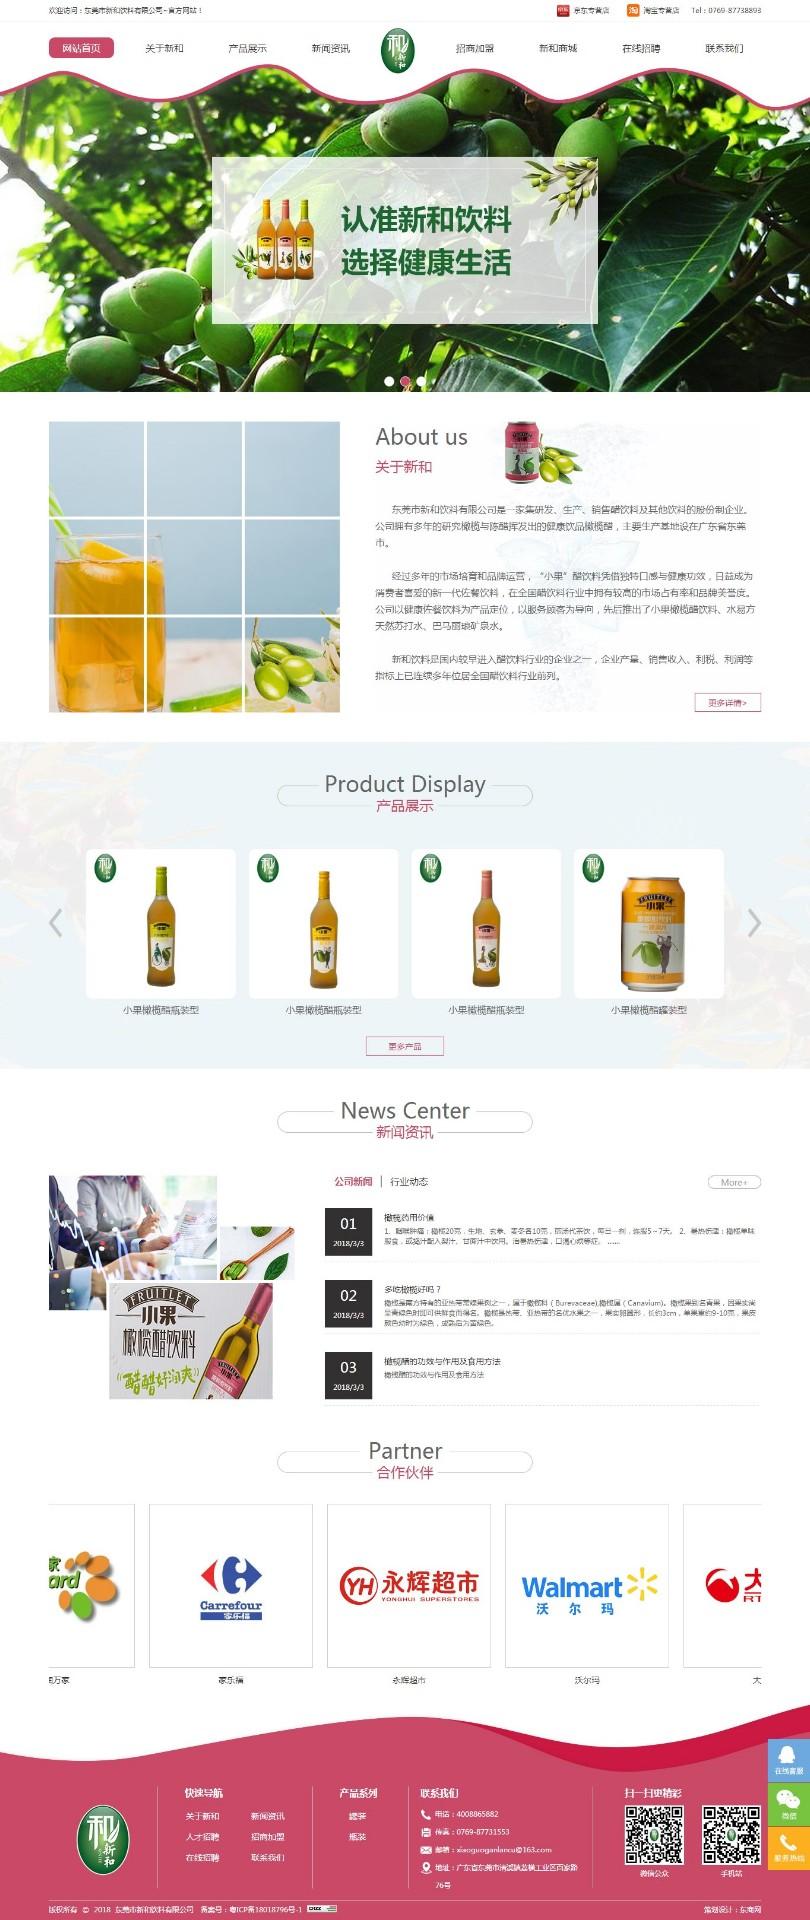 东莞市新和饮料有限公司